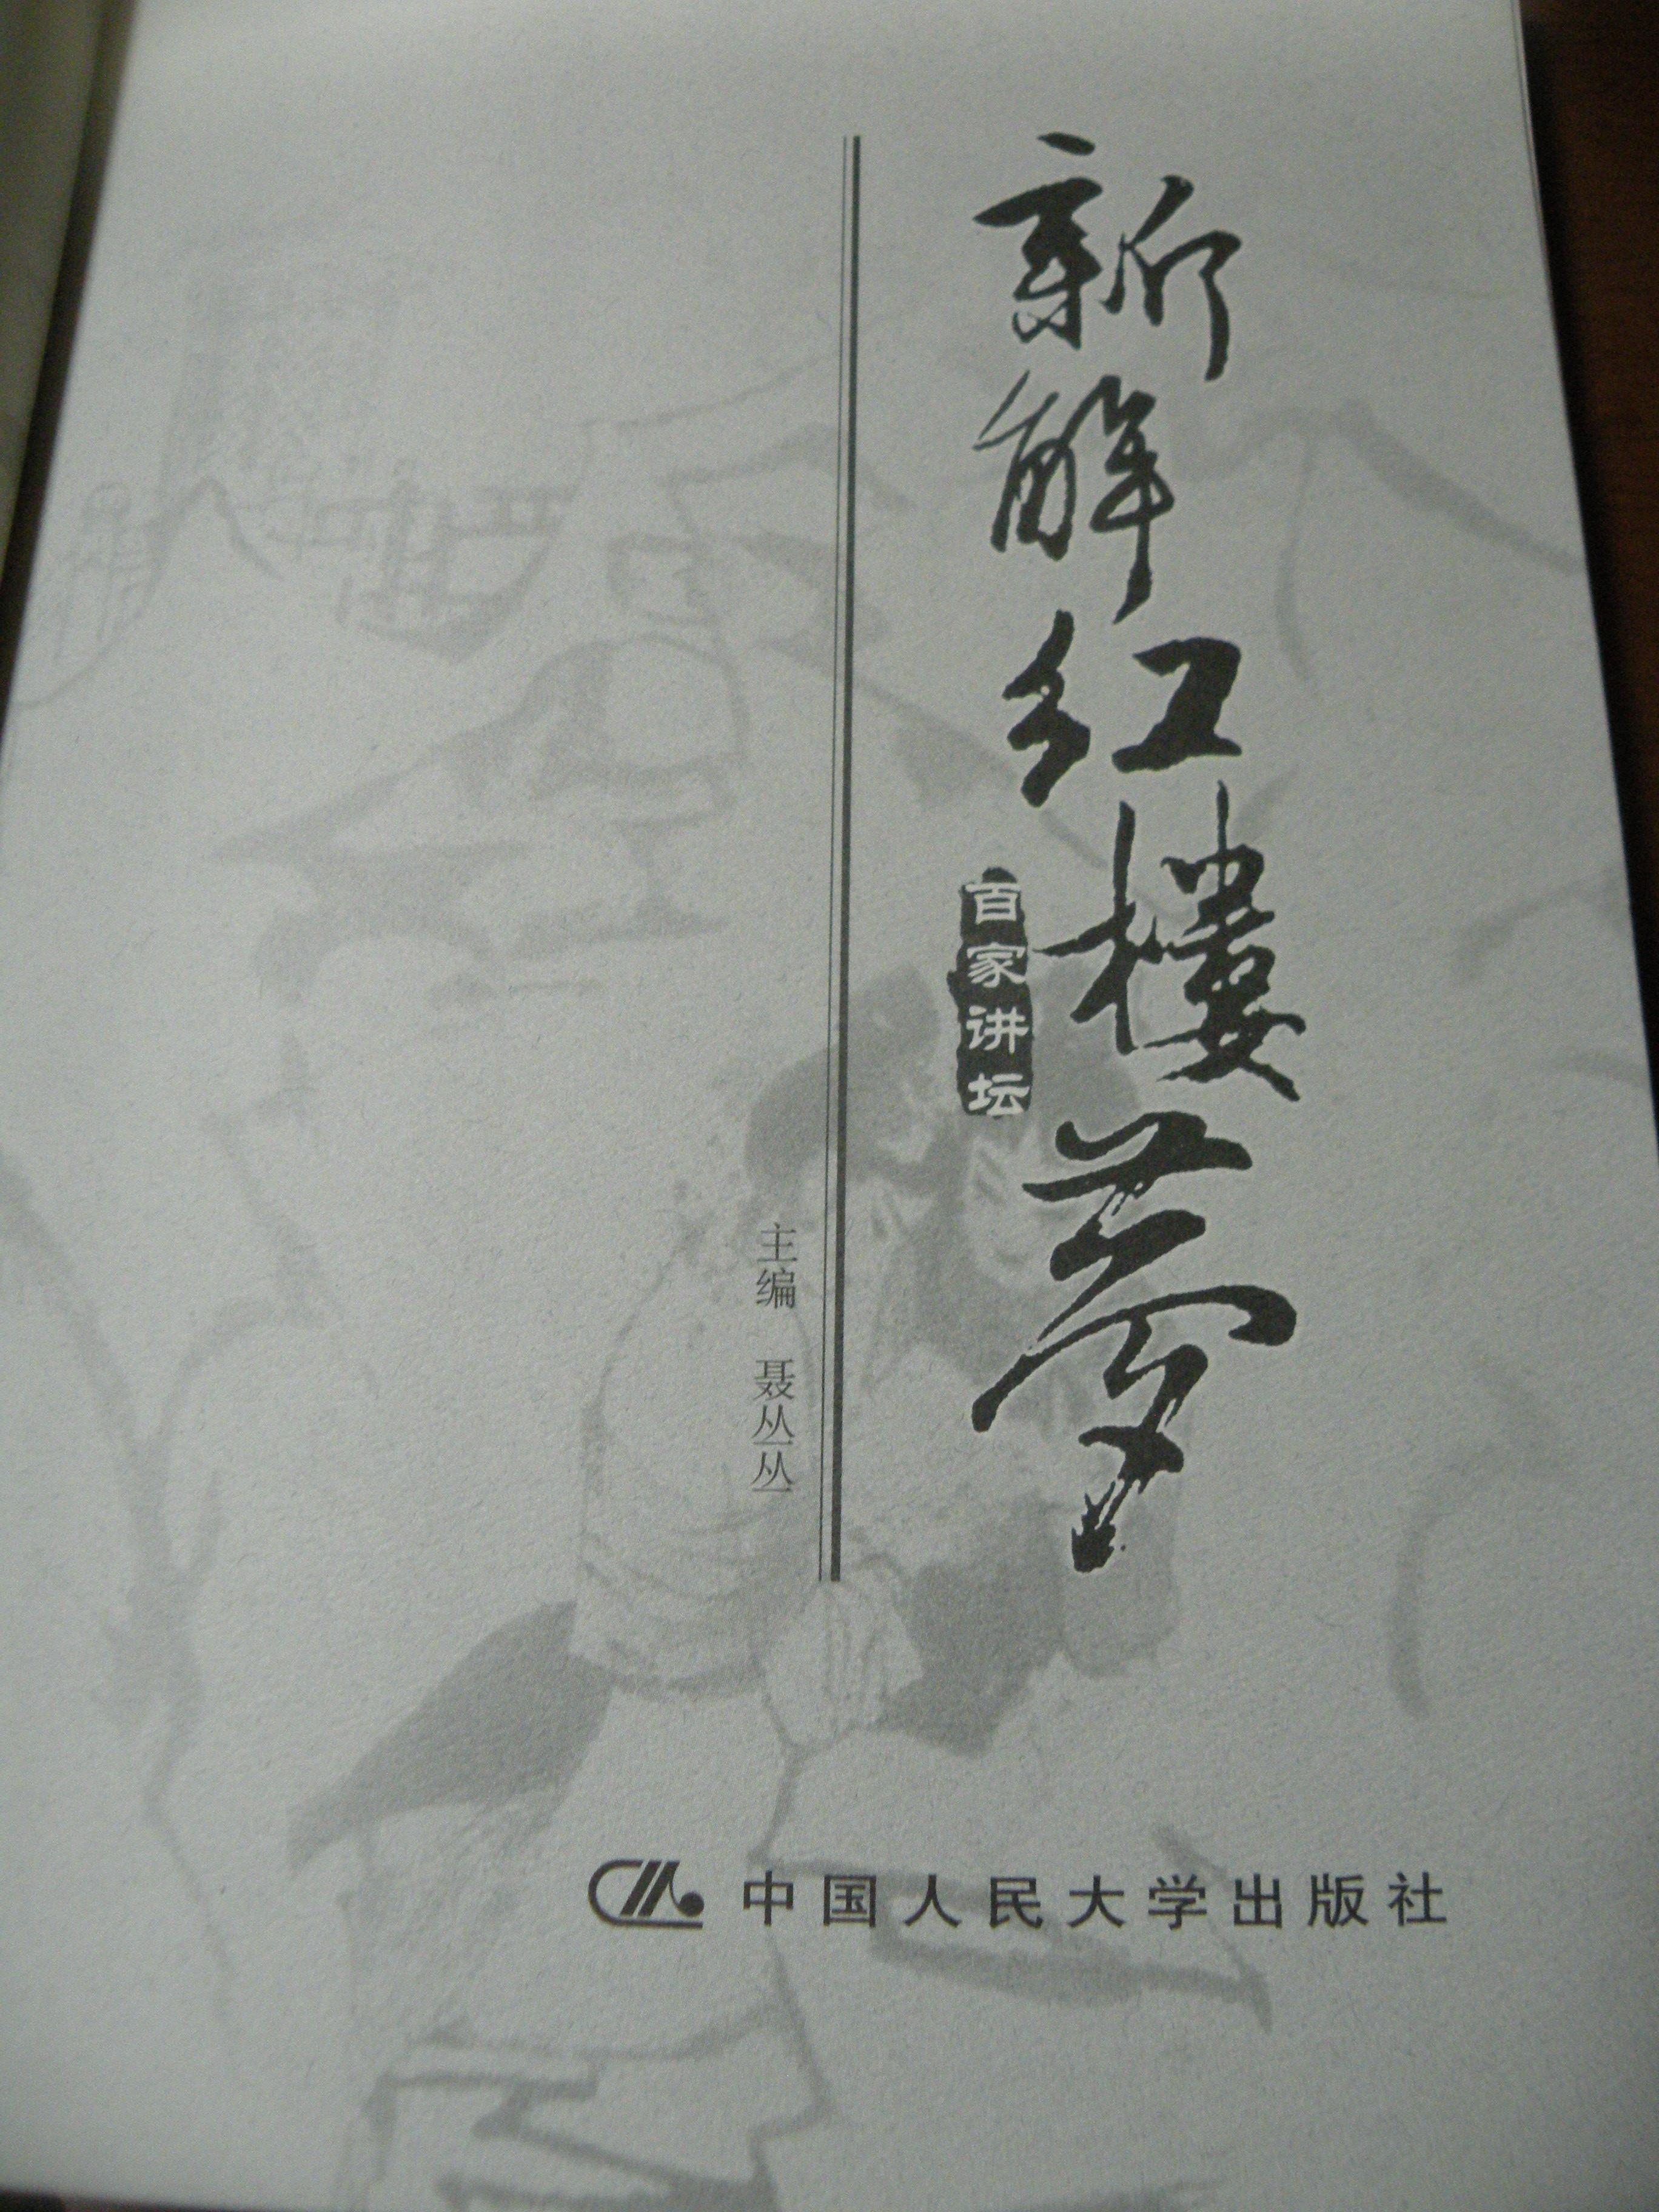 DSCN0326.JPG